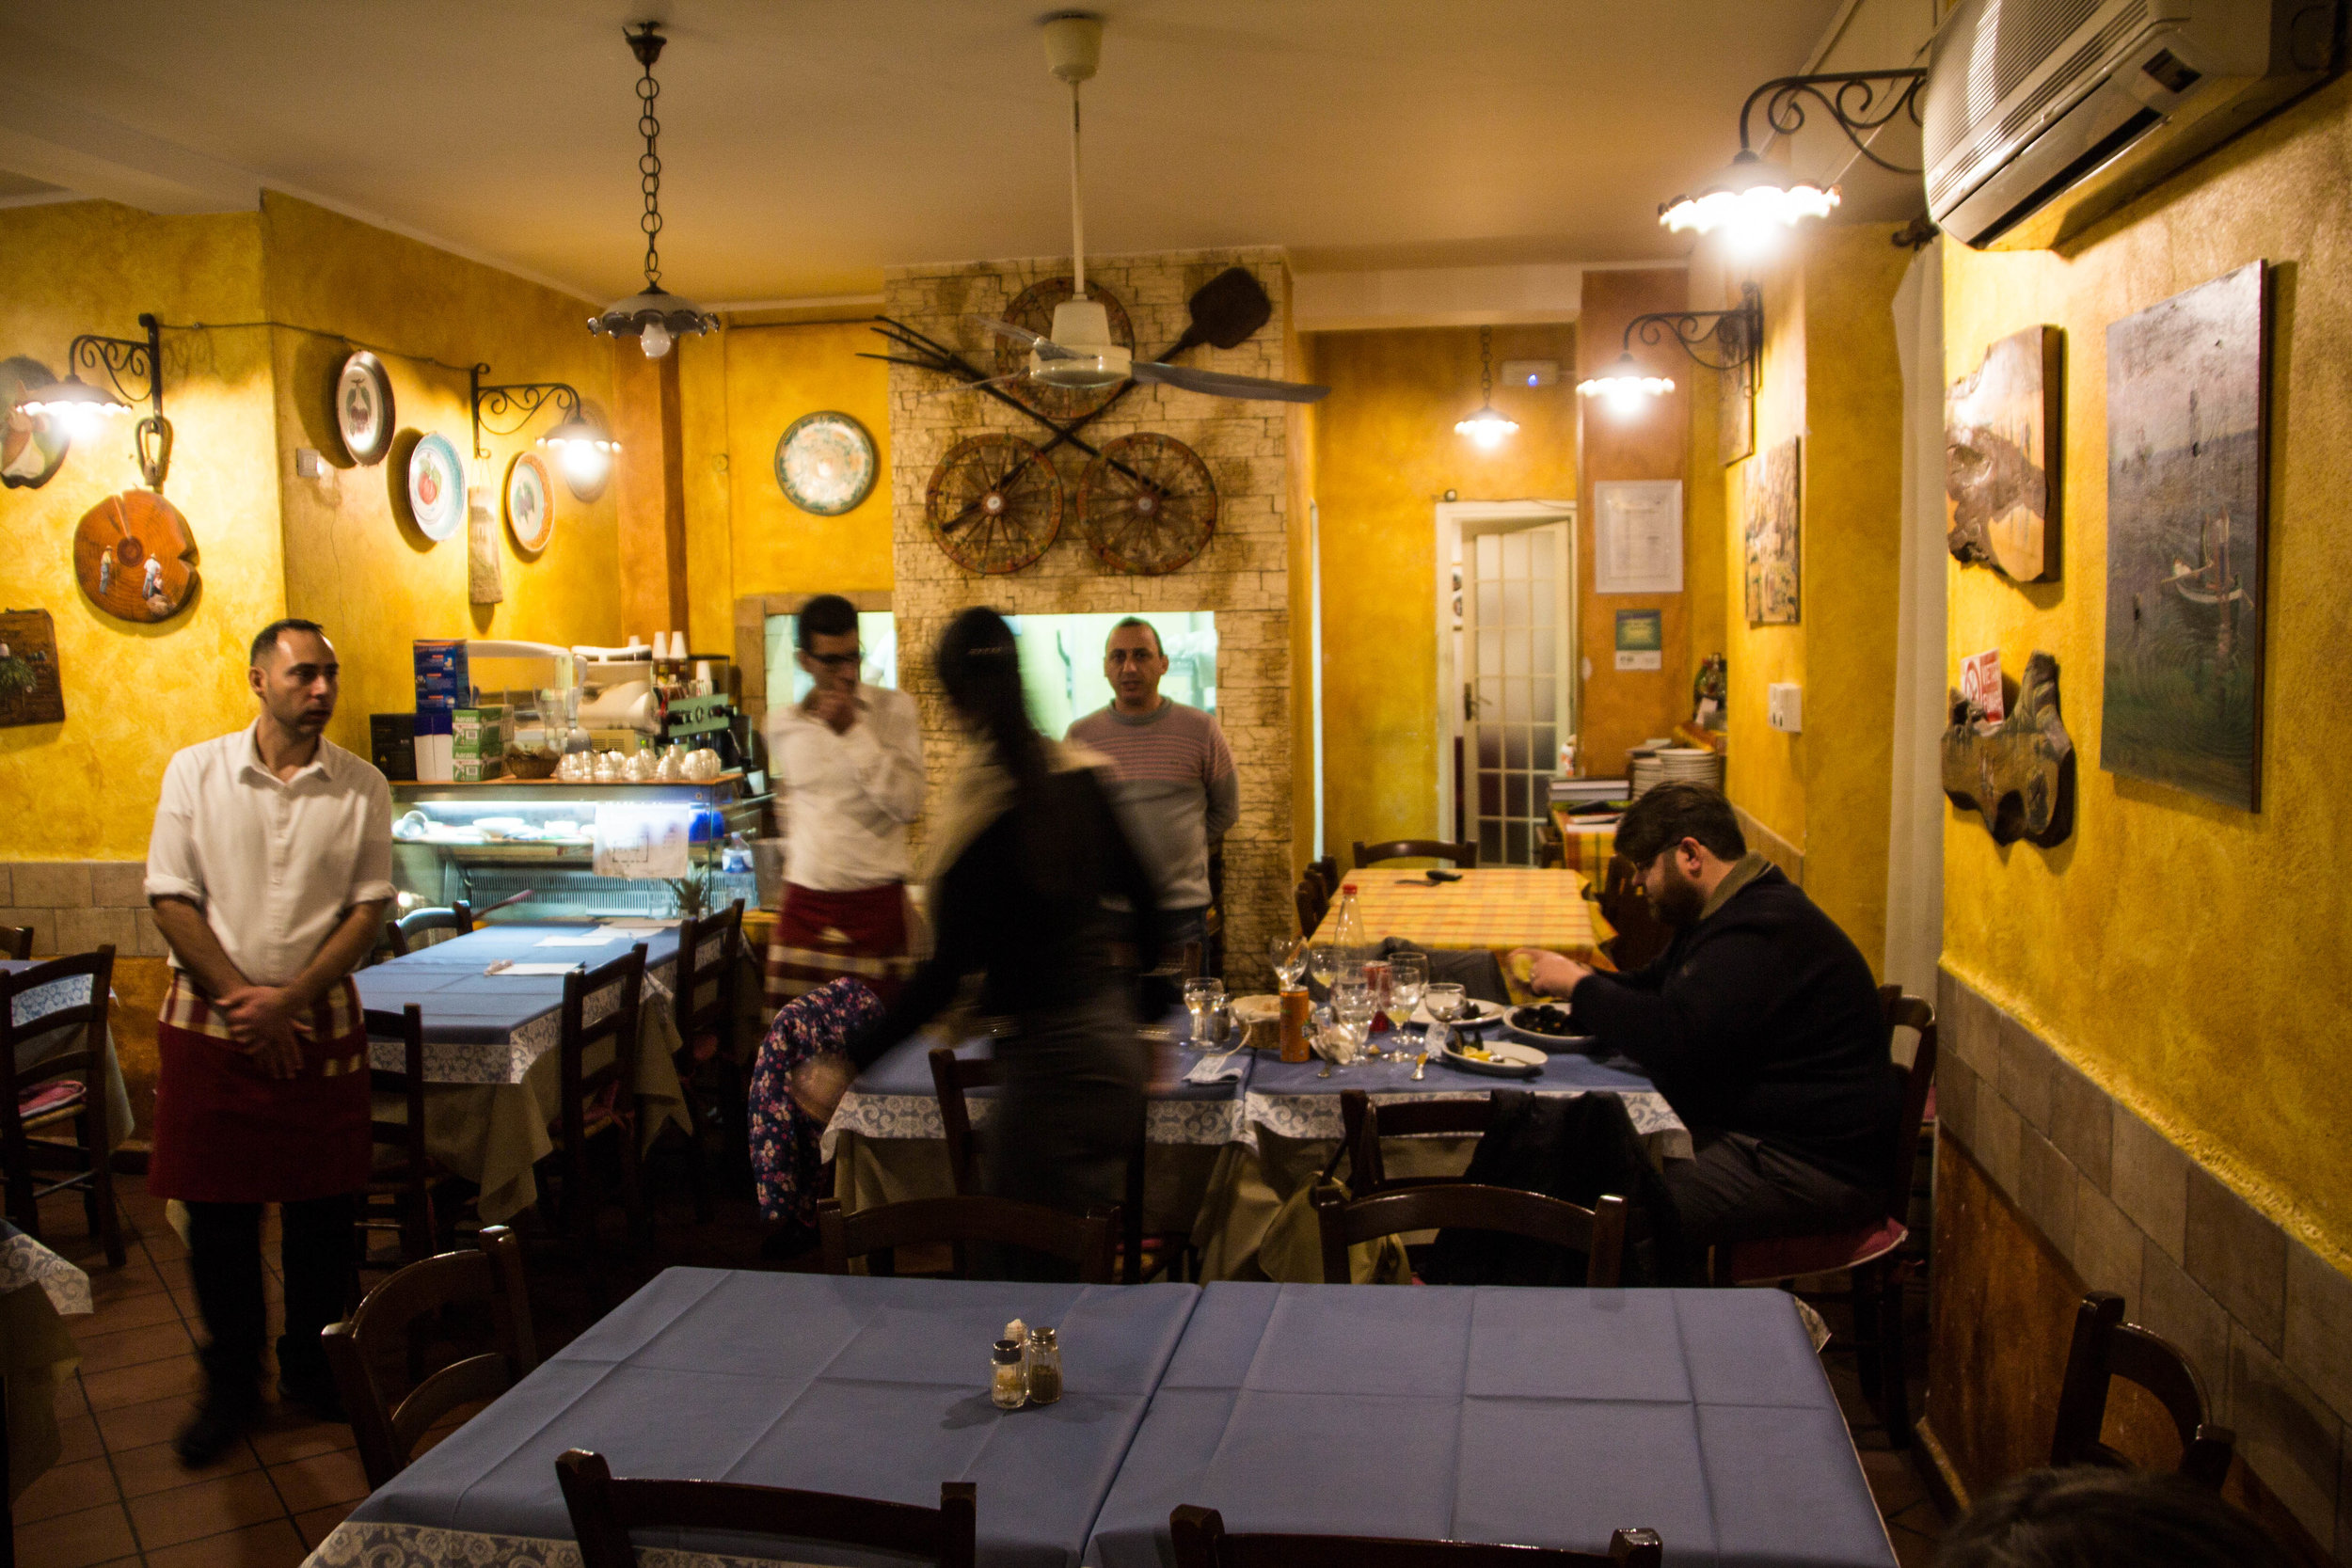 restaurant-catania-sicily-sicilia-2.jpg